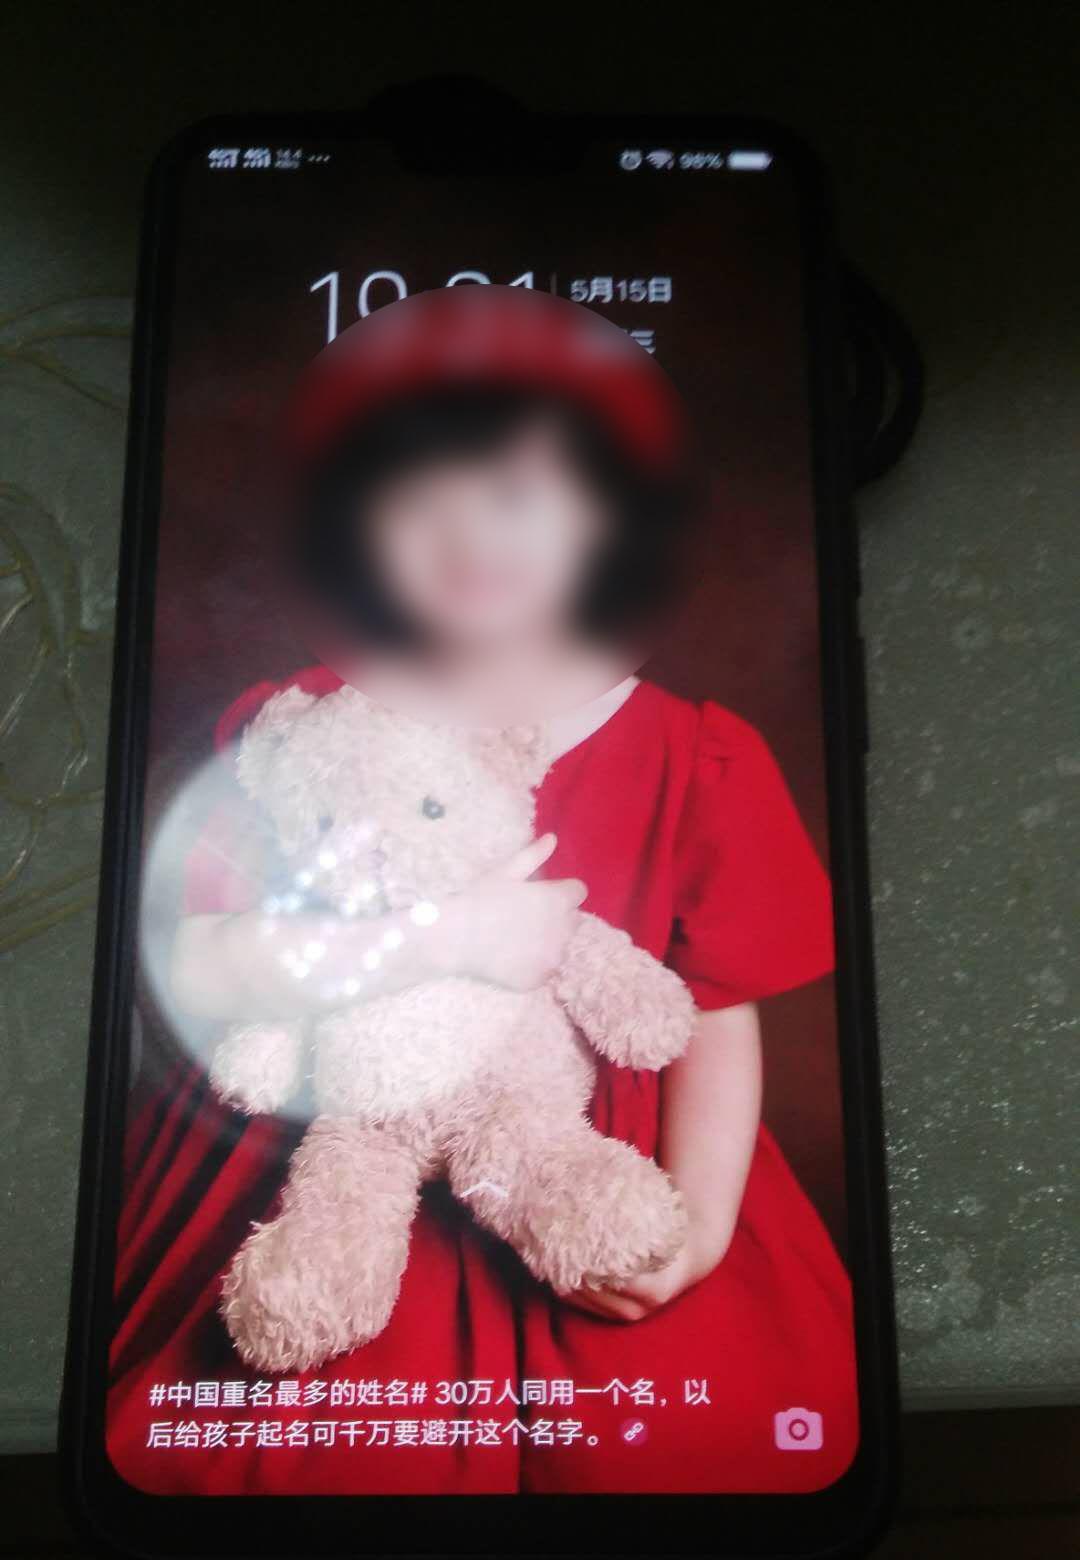 孩子照片被vivo设为屏保 客服:第三方提供正在调查